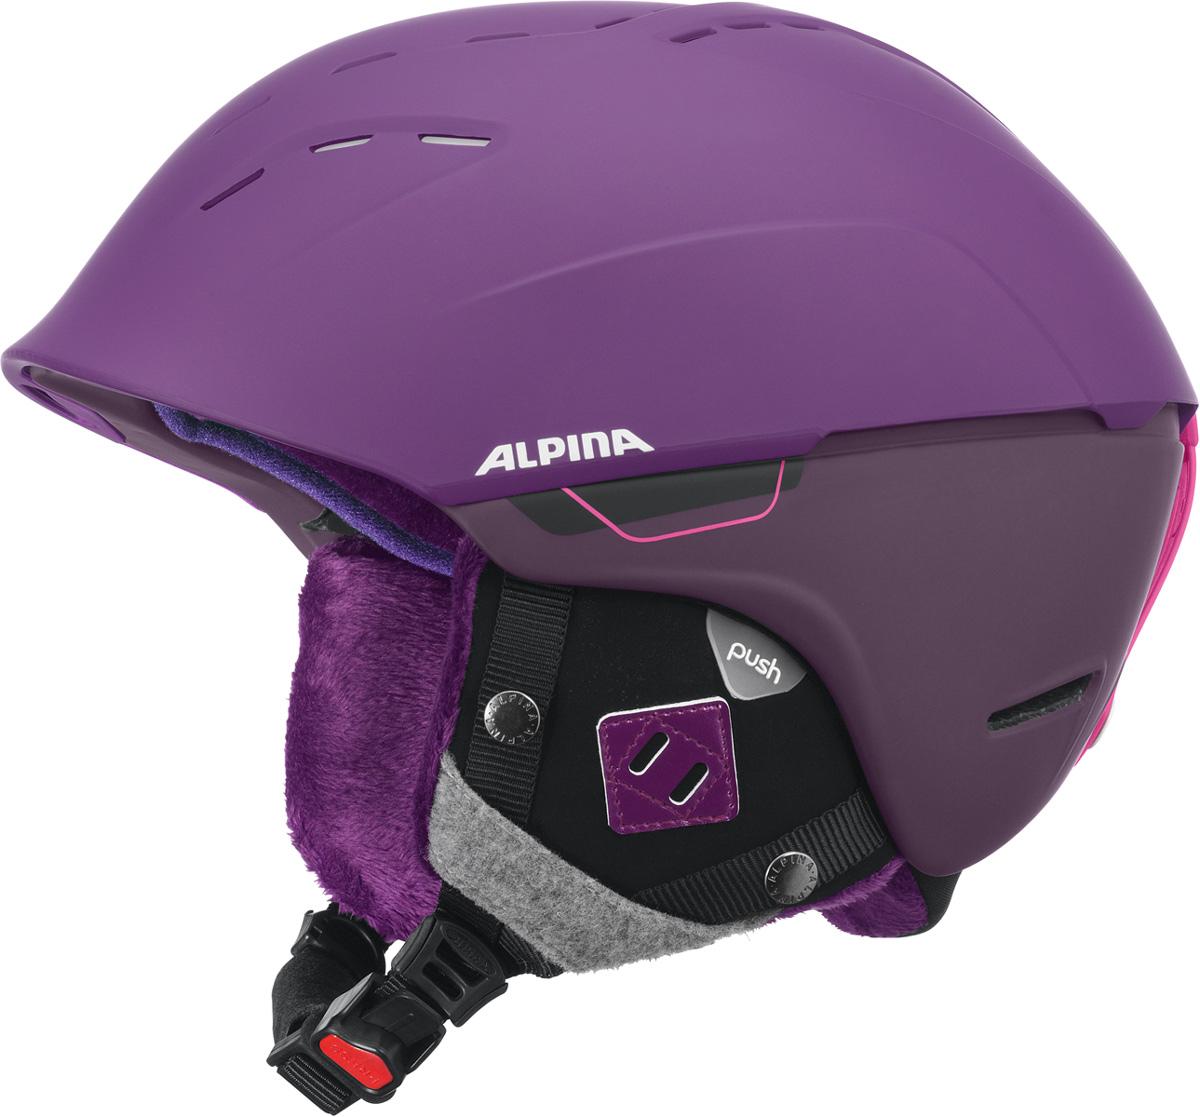 Шлем горнолыжный Alpina  Spice , цвет: фиолетовый. A9067_50. Размер 55-59 - Горные лыжи